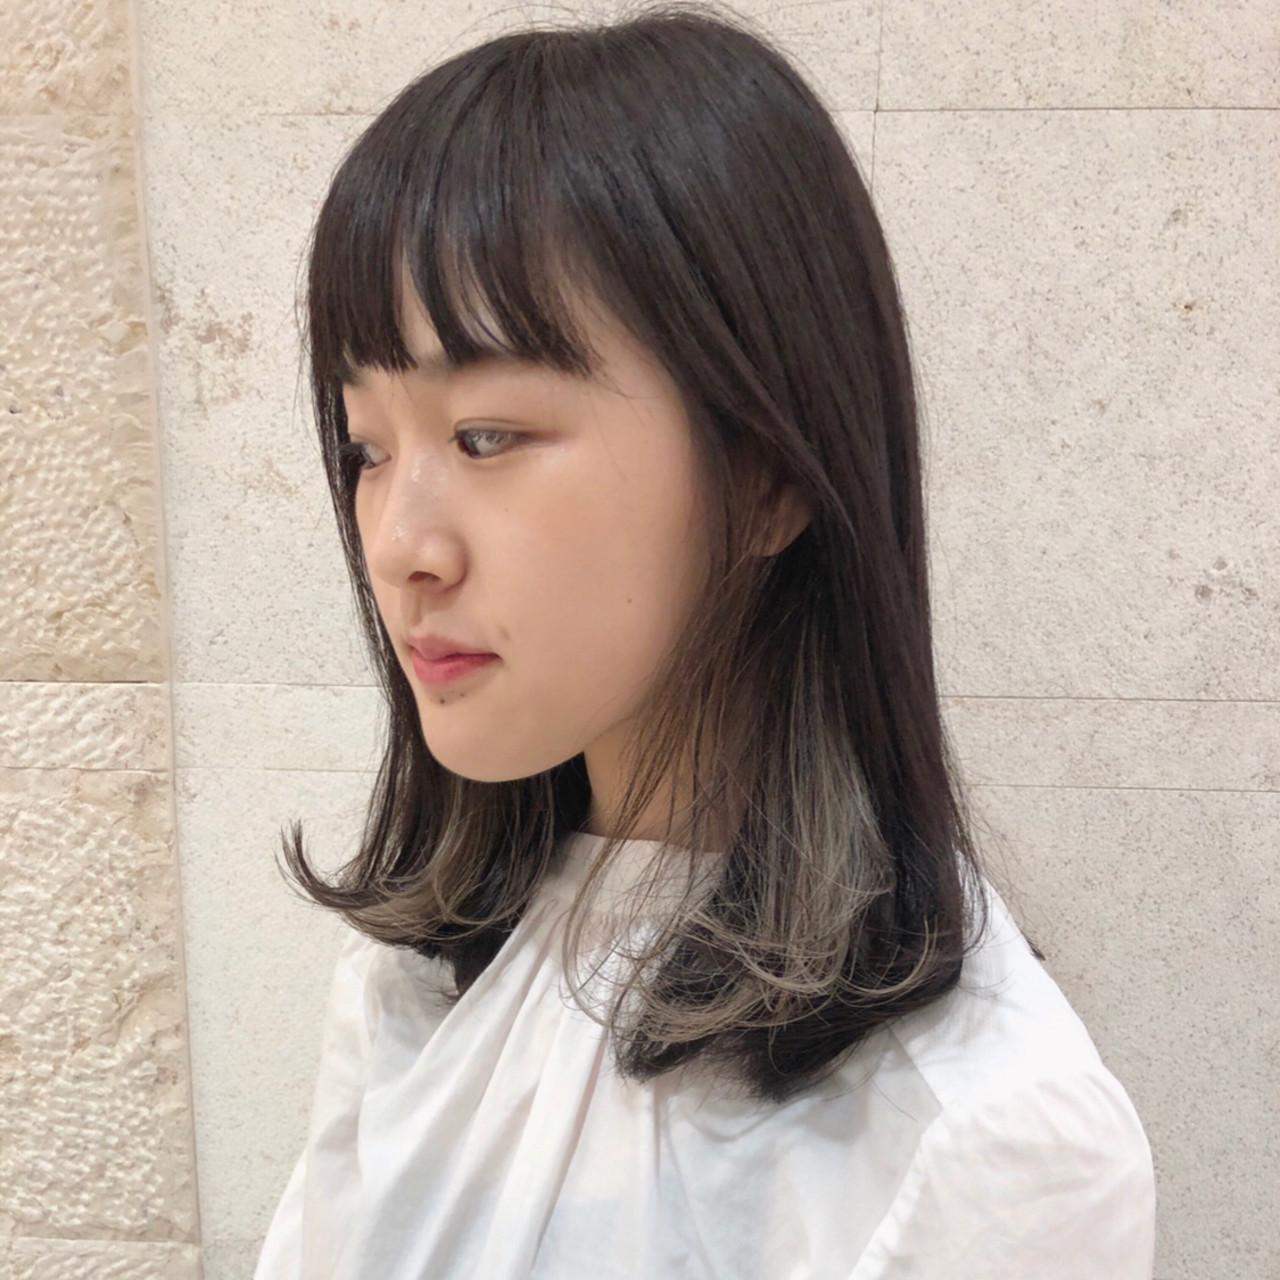 大人かわいい ハイライト 簡単スタイリング ミディアムヘアスタイルや髪型の写真・画像